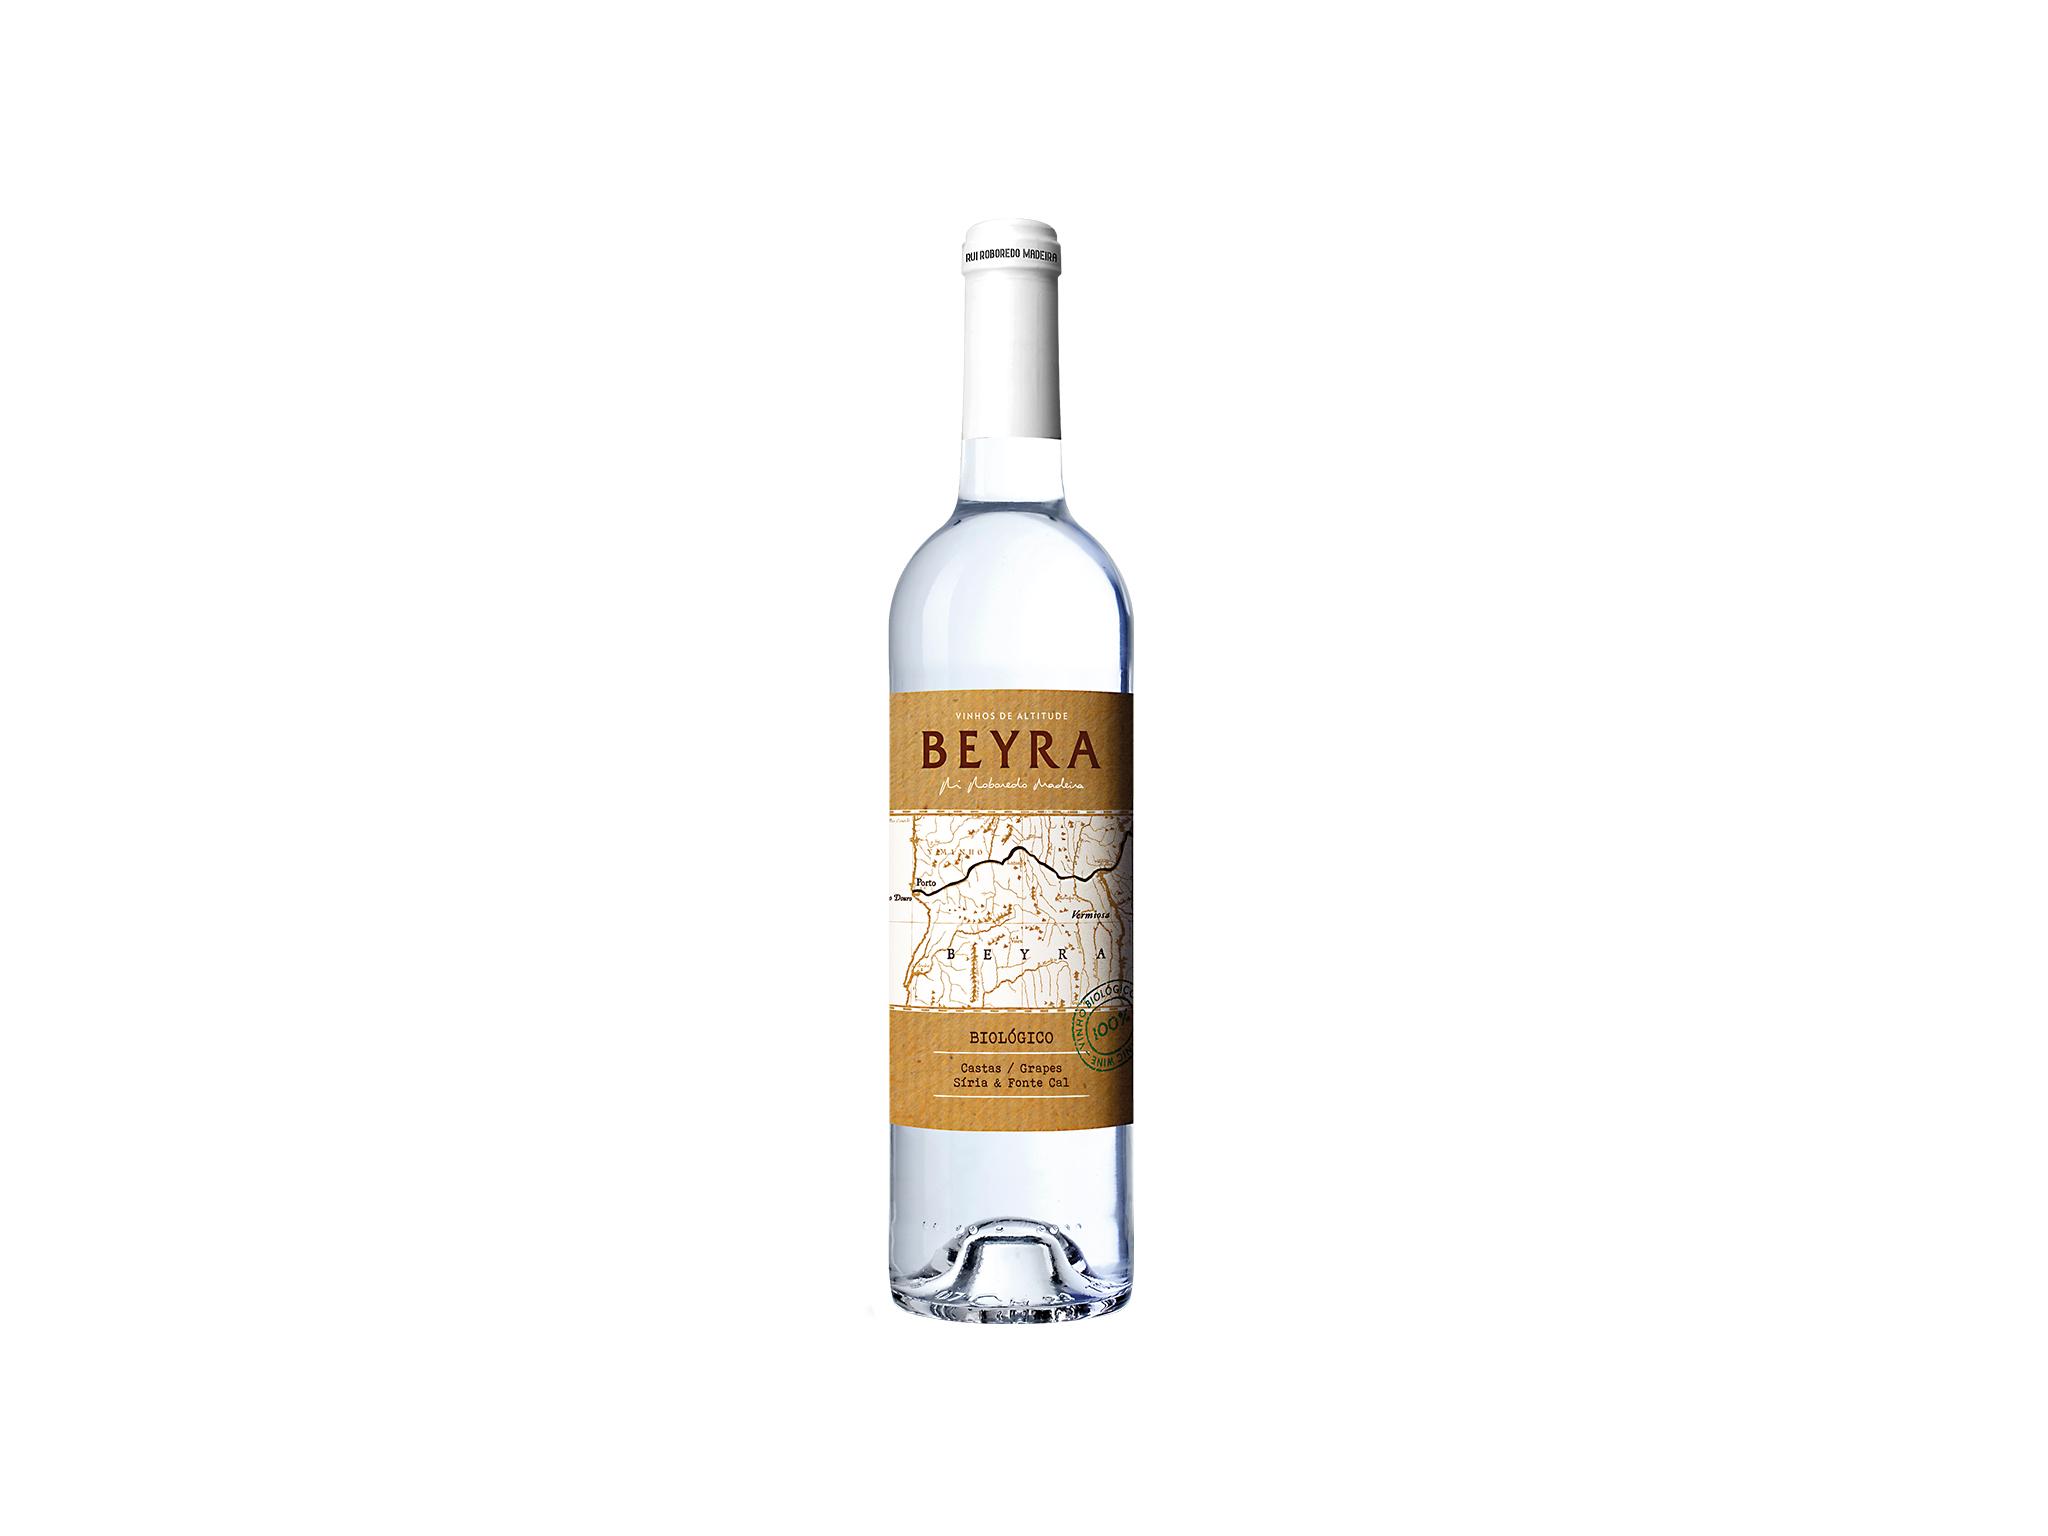 Vinho, Beyra Biológico Branco 2019, Beira Interior